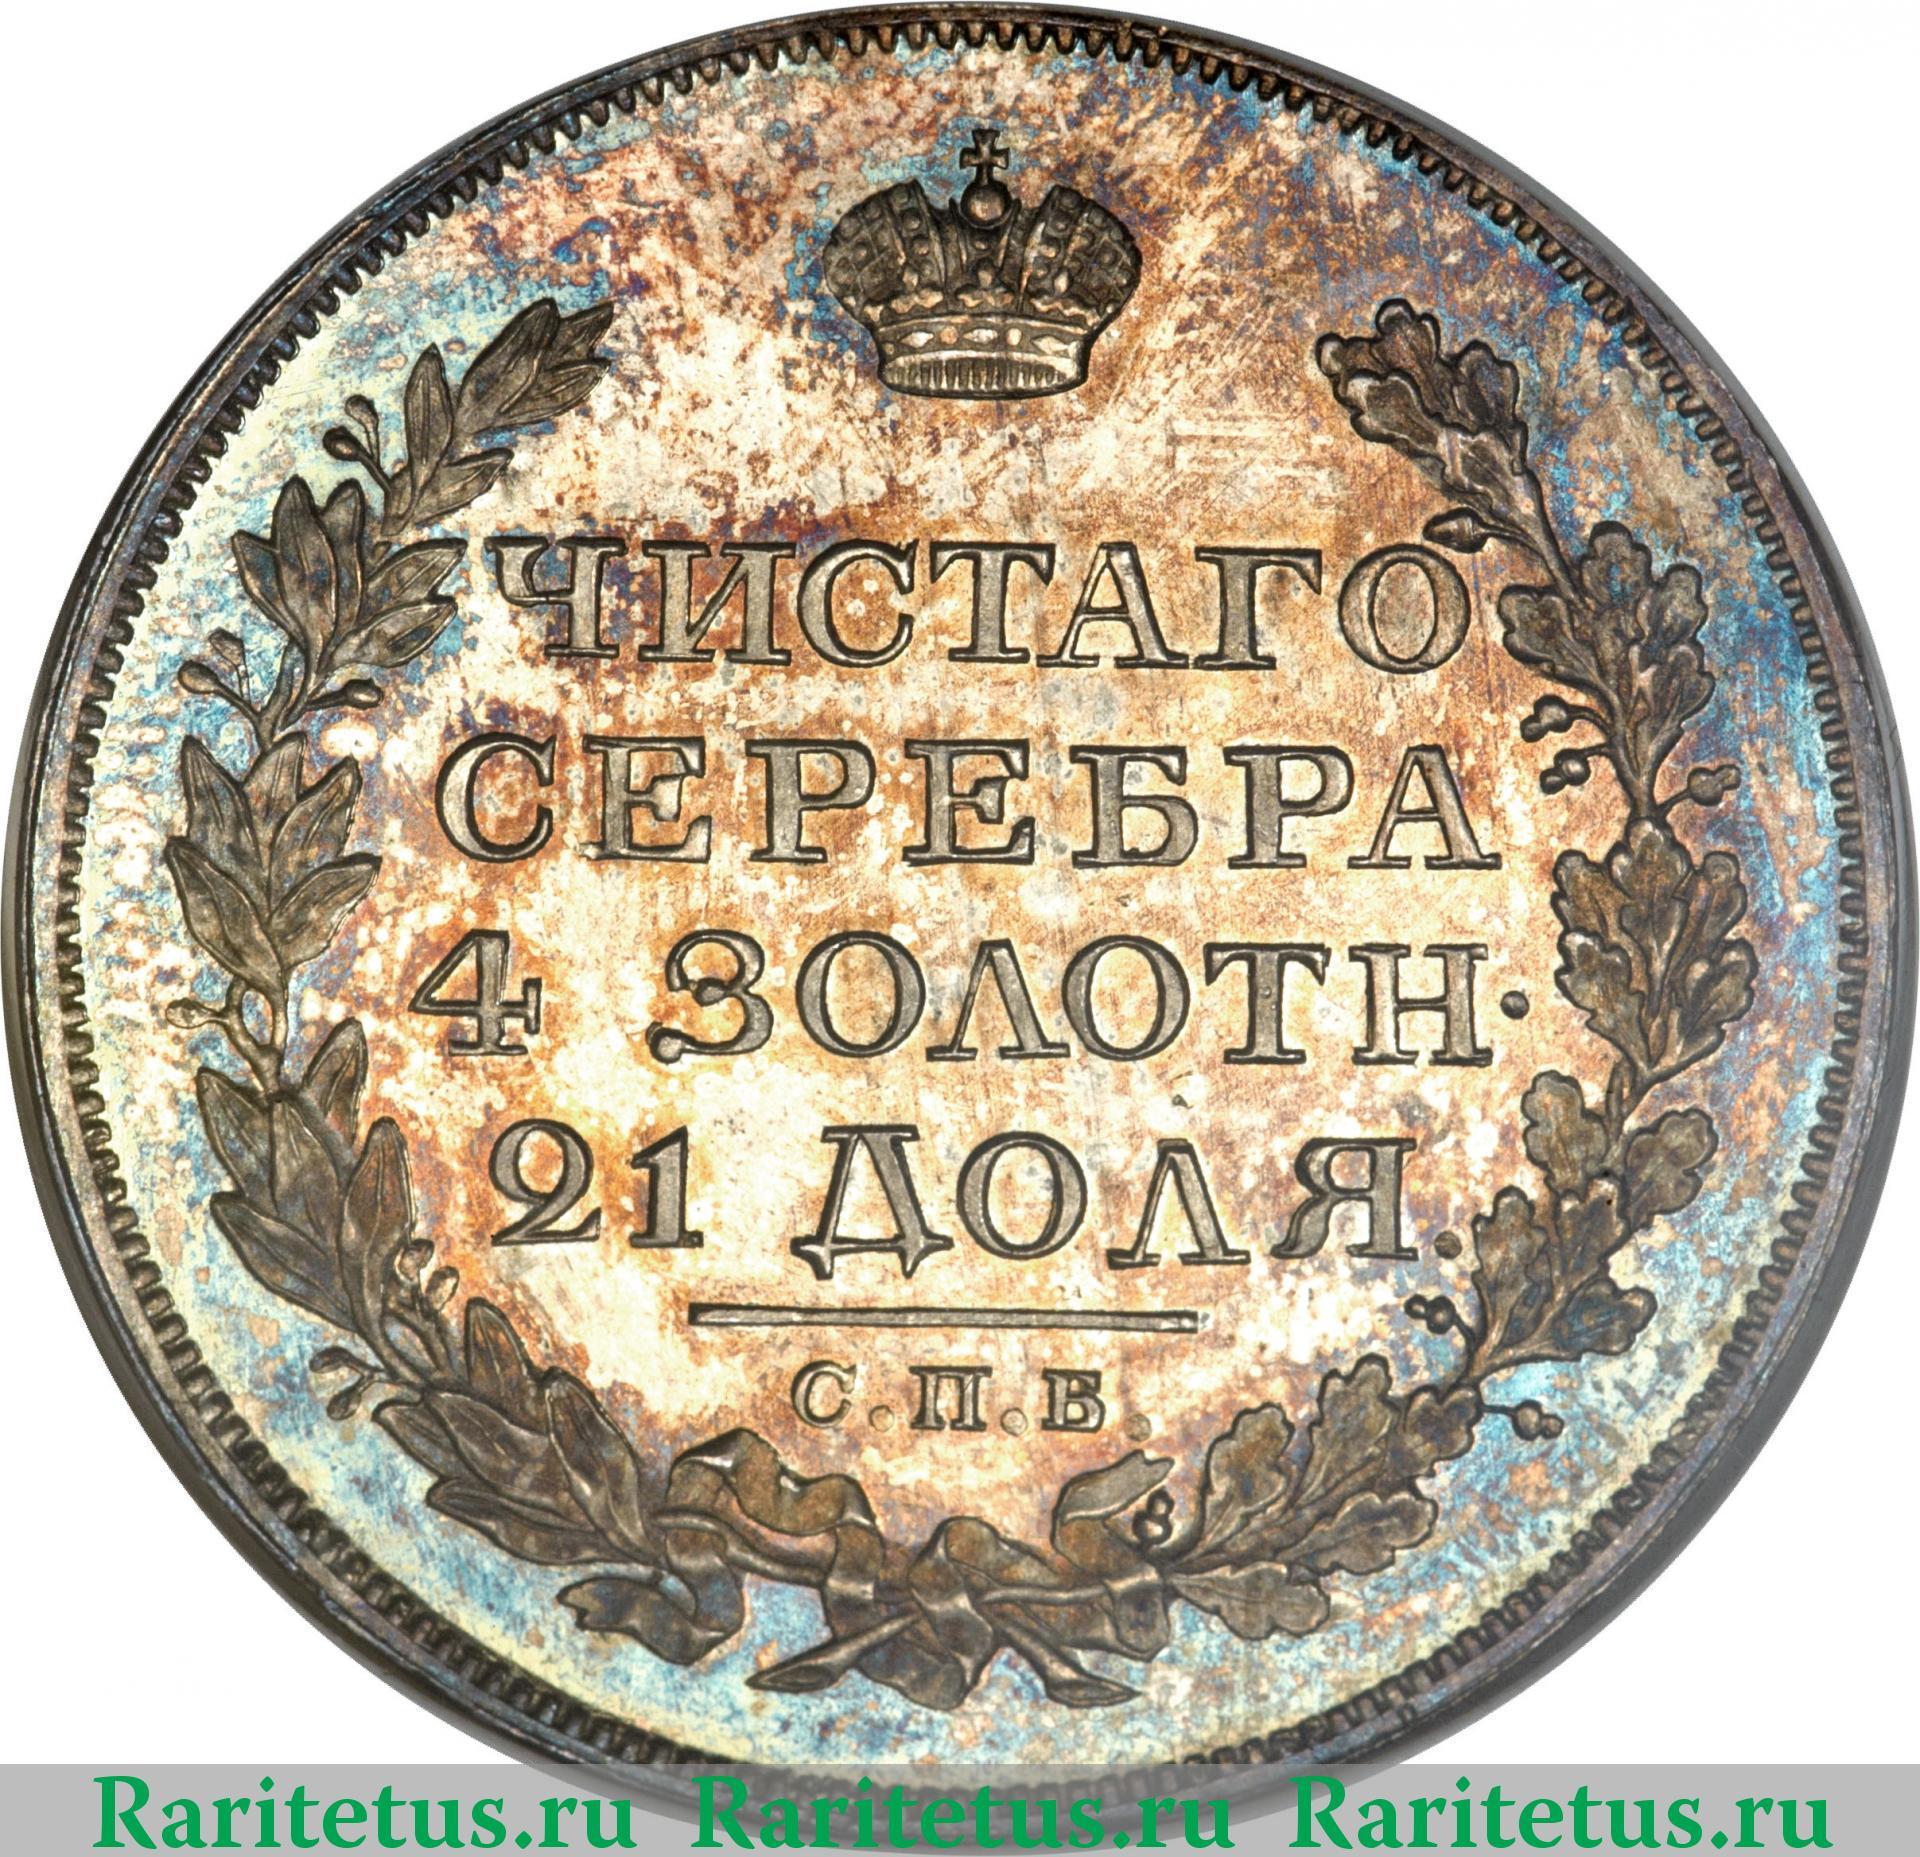 Рубль 1816 года цена купюры 90 х